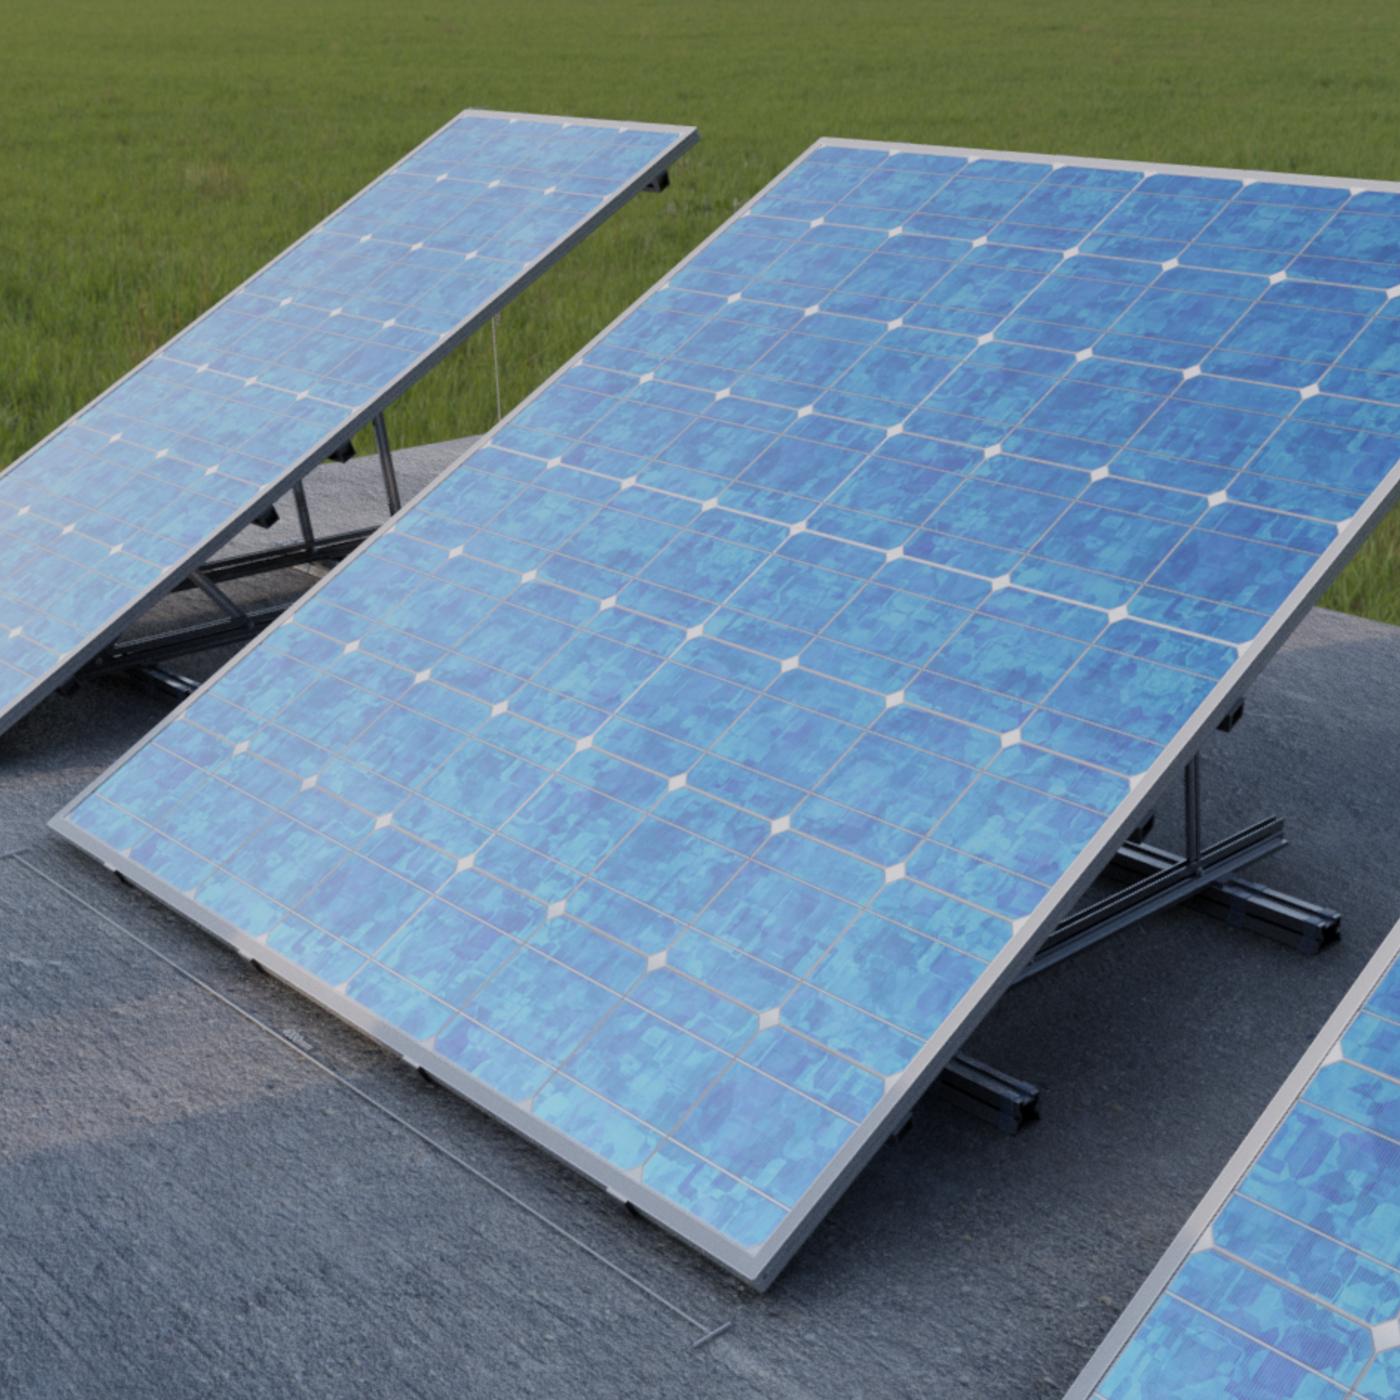 Solar Panels - Blender-2.93